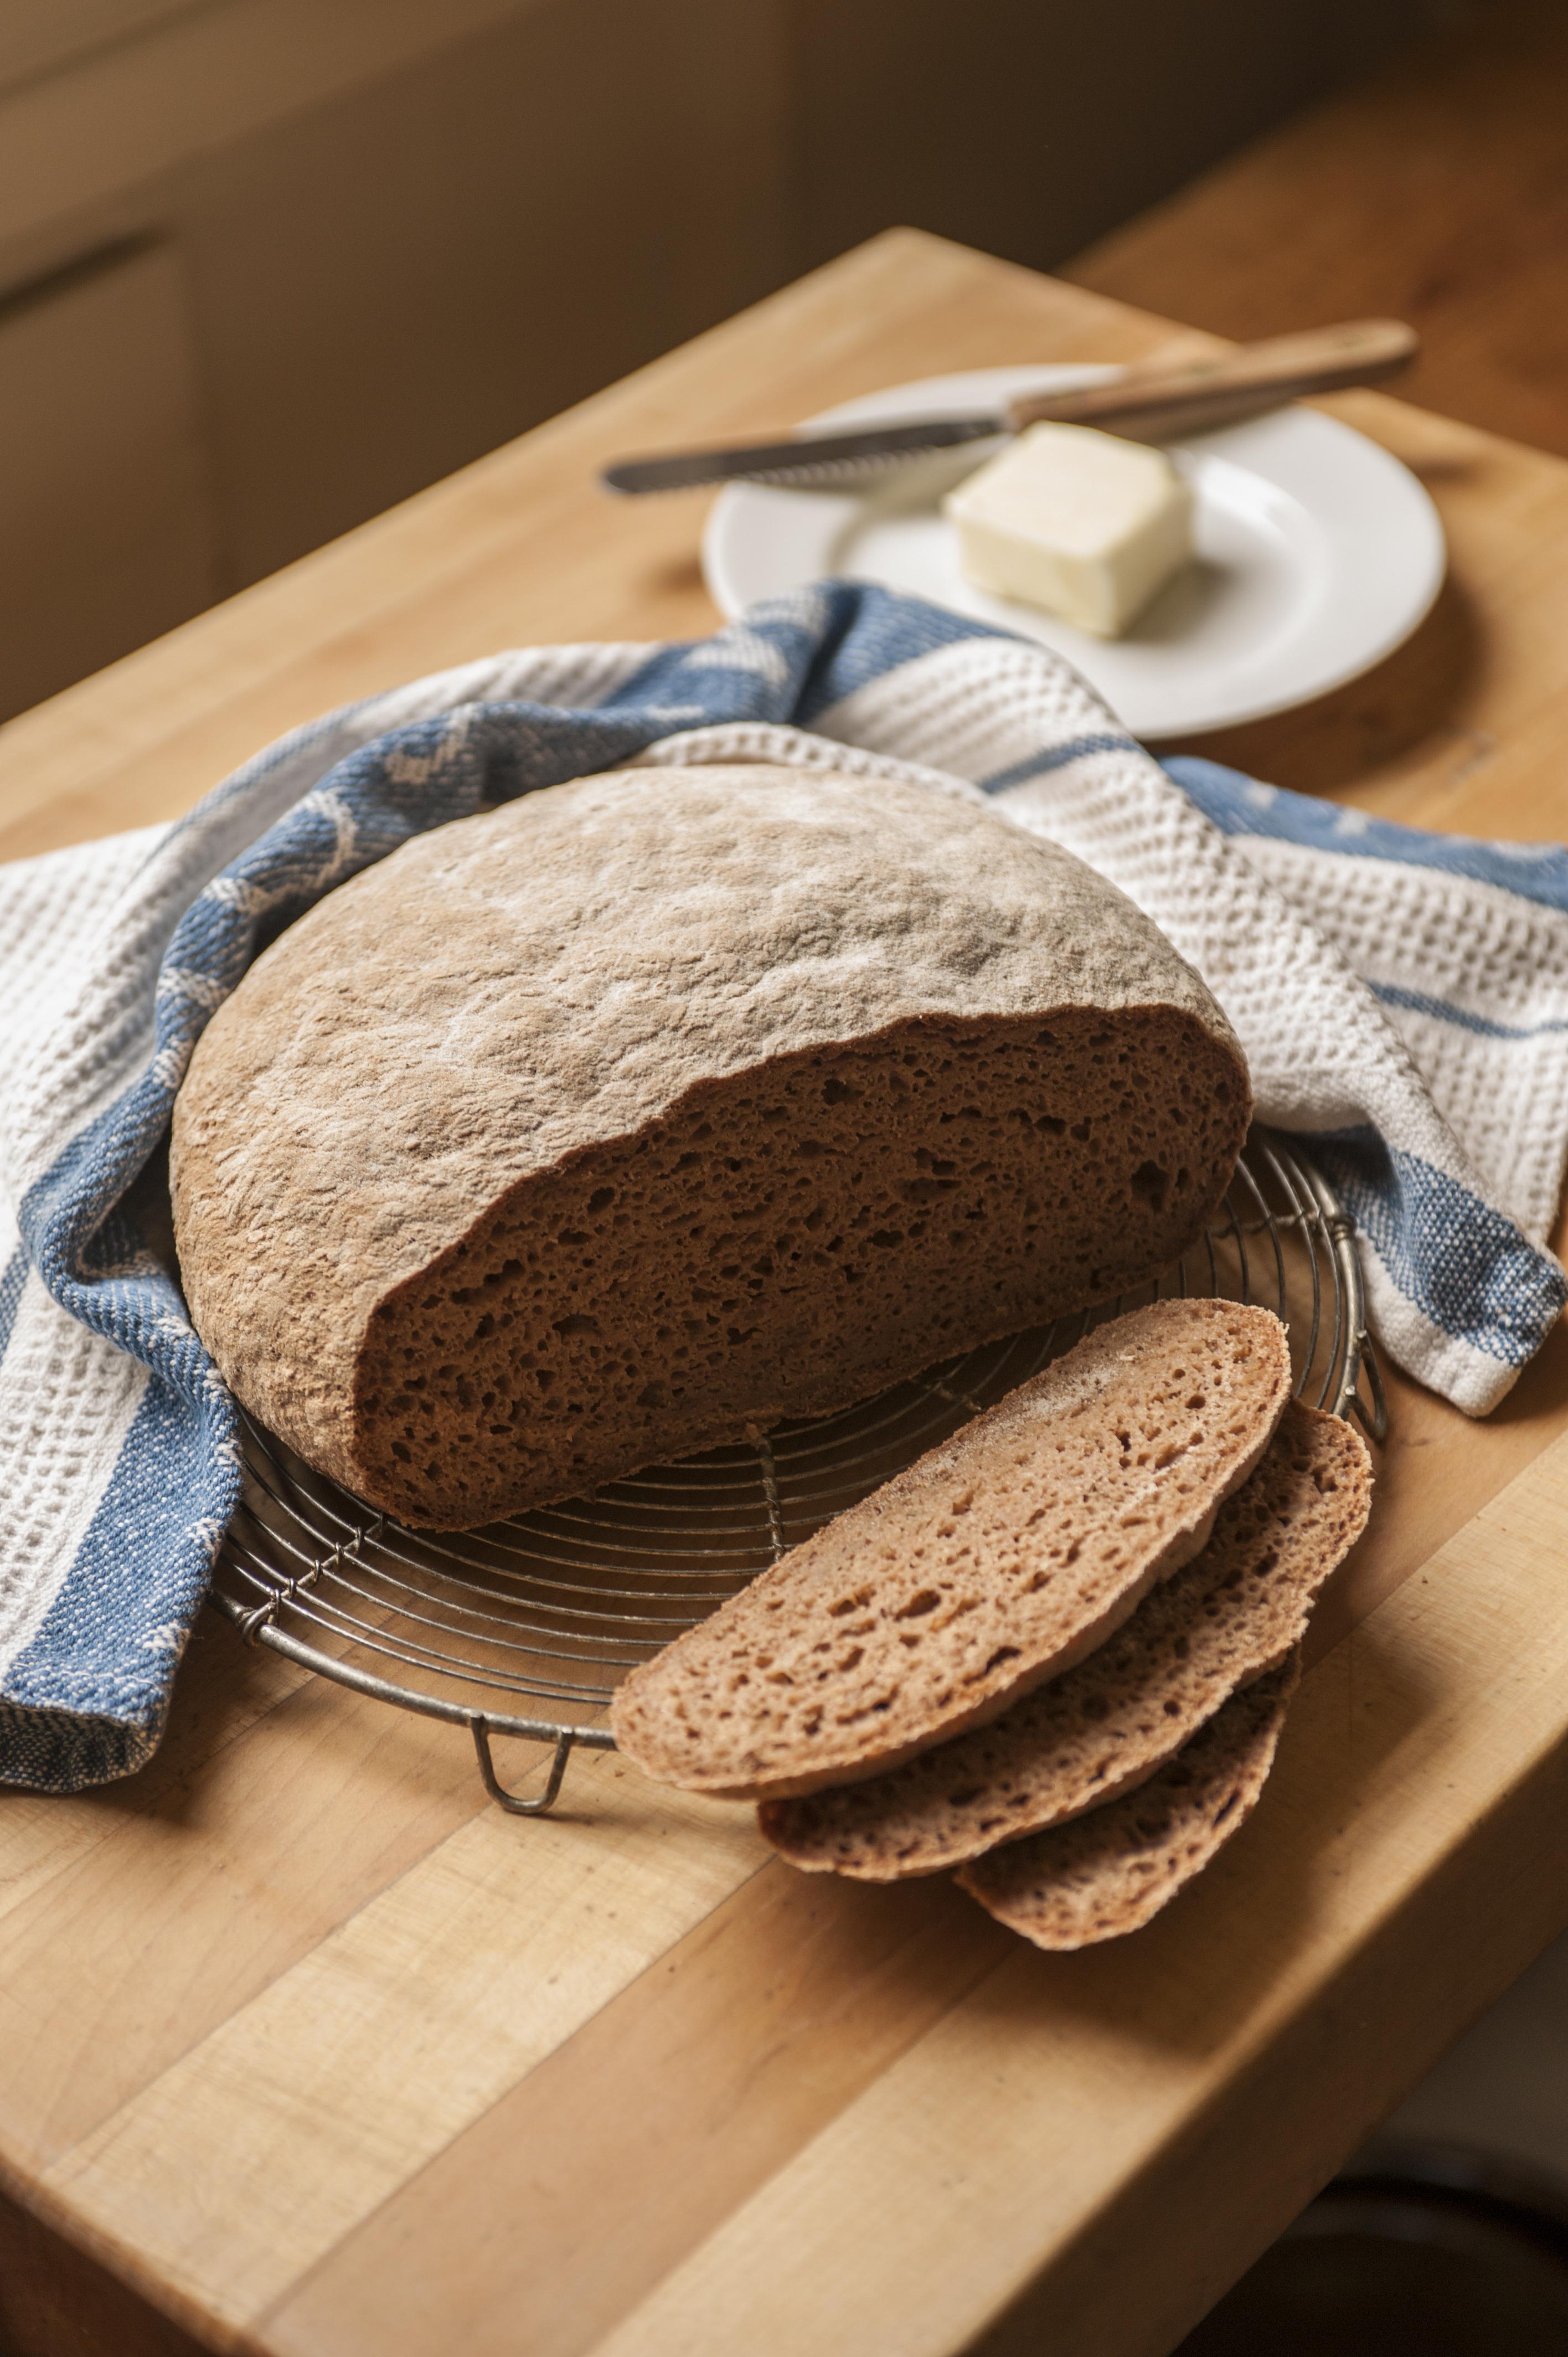 Gluten-Free Rye Bread recipe - Gluten-Free Living